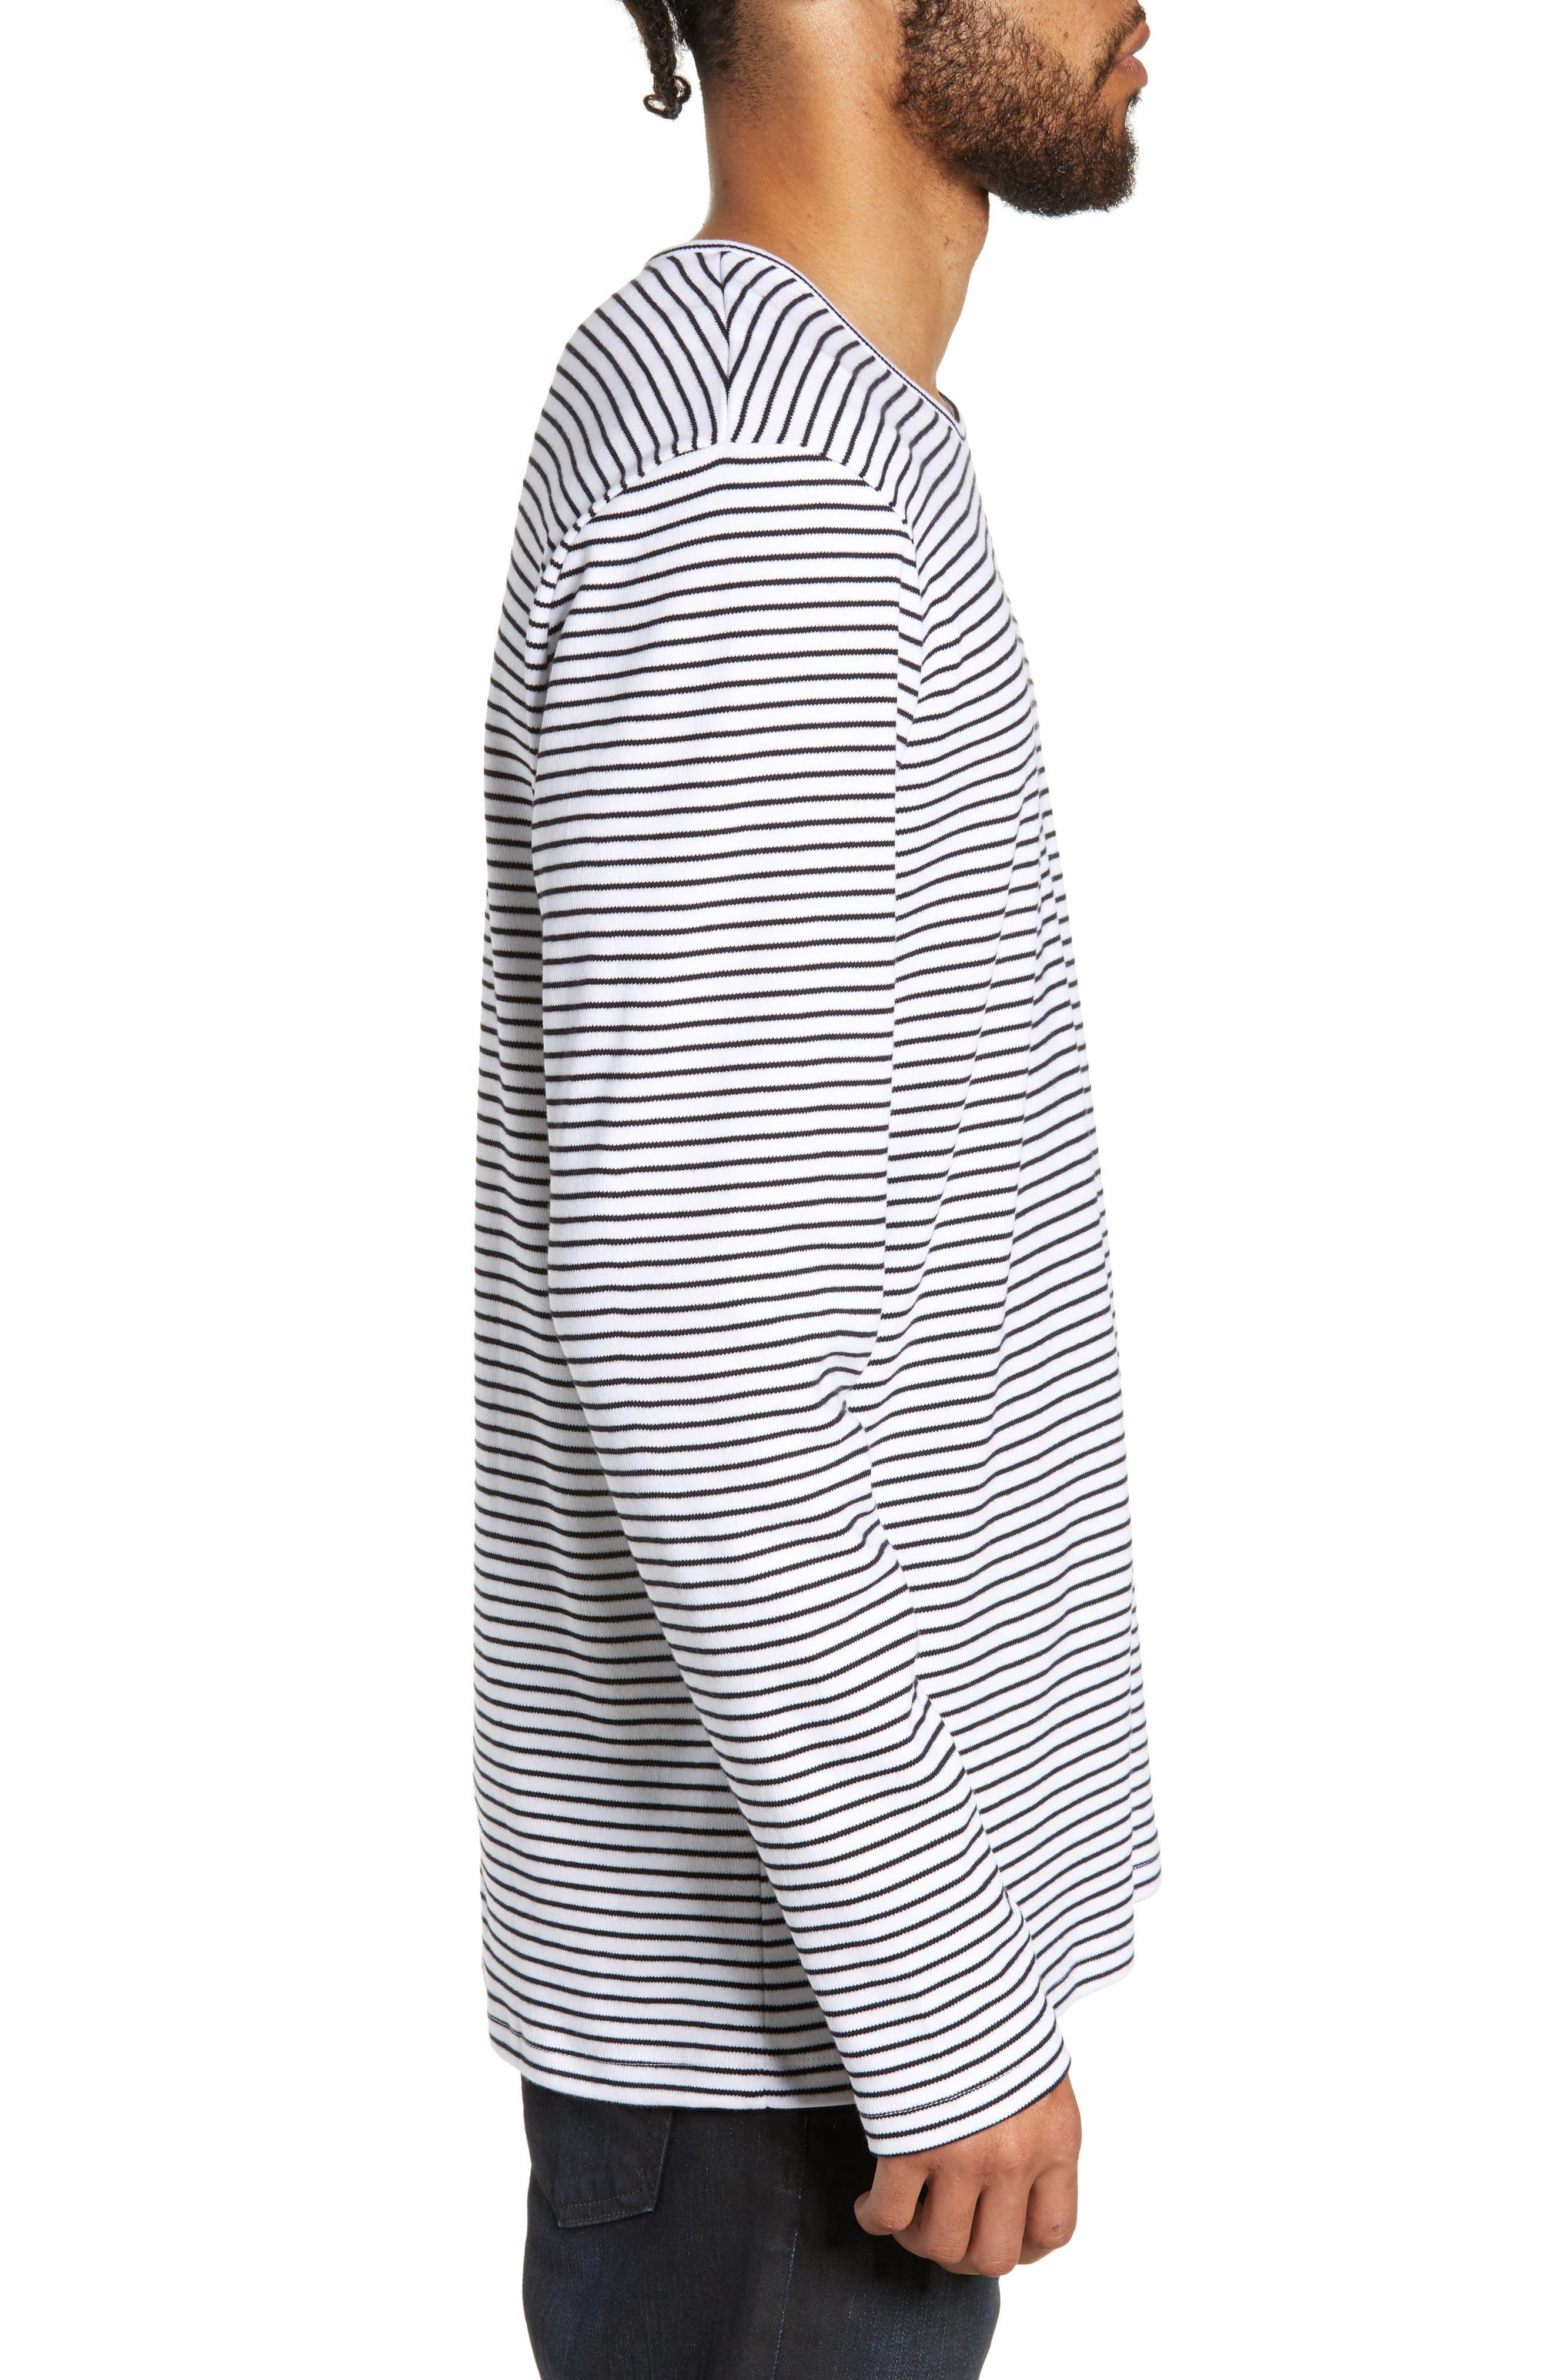 Finham Stripe Long Sleeve T-Shirt,                             Alternate thumbnail 3, color,                             WHITE / BLACK STRIPE